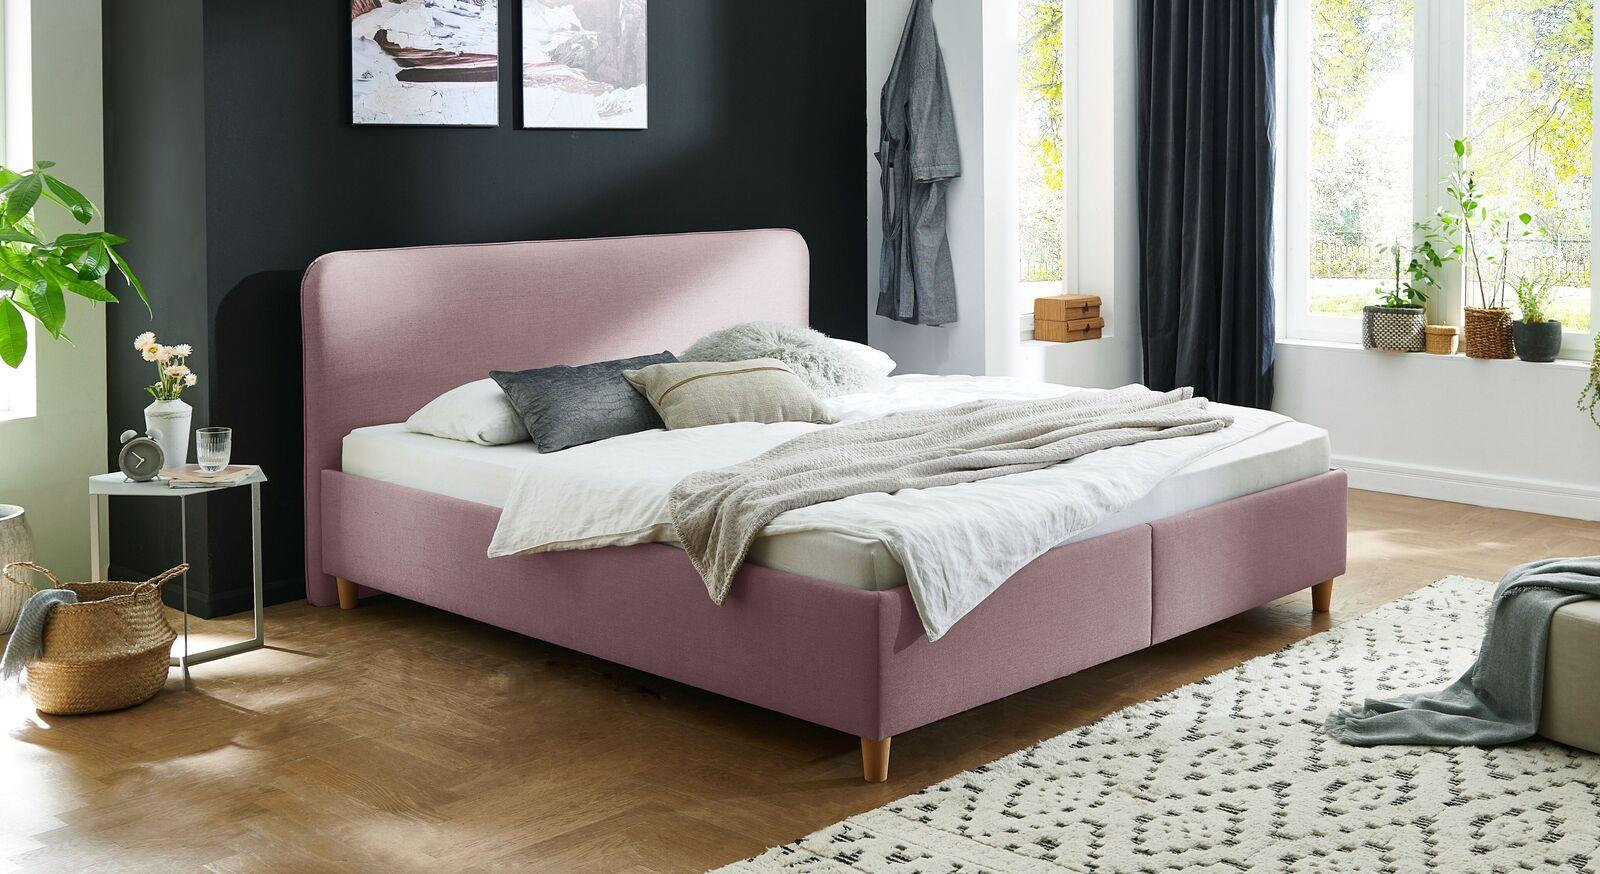 Bett Kannur mit hochwertigem Webstoff in Flieder